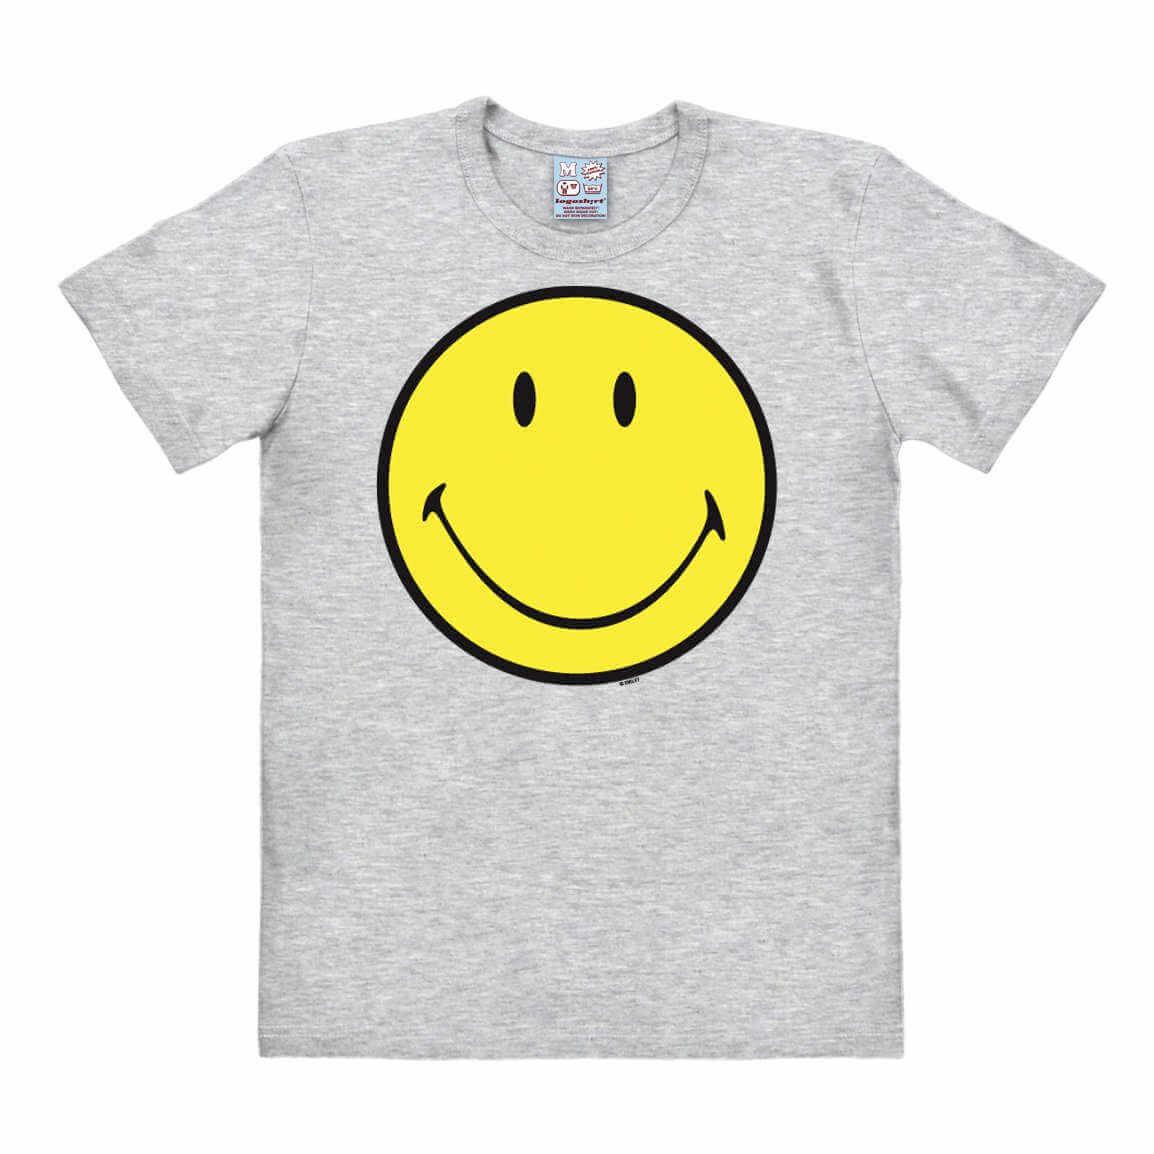 Camiseta con el smiley face